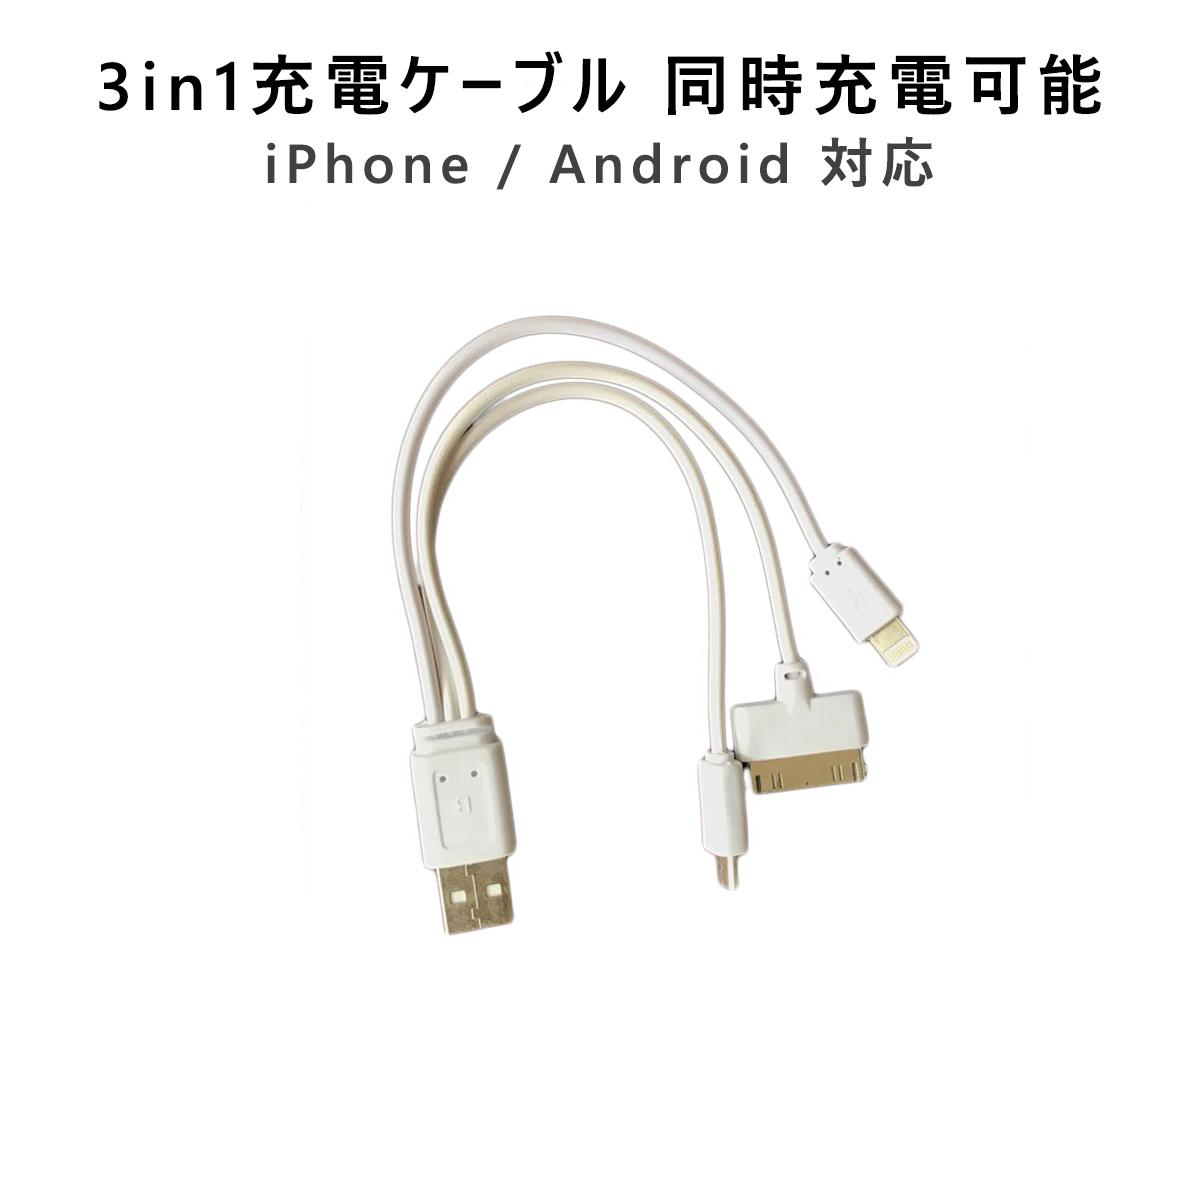 スマホ充電ケーブル 2本セット 1本3役同時充電 3in1 充電コード microUSB Android iPhone4 iPhne5 iPhone6 iPhone7対応 SDM便送料無料 1ヶ月保証 K&M